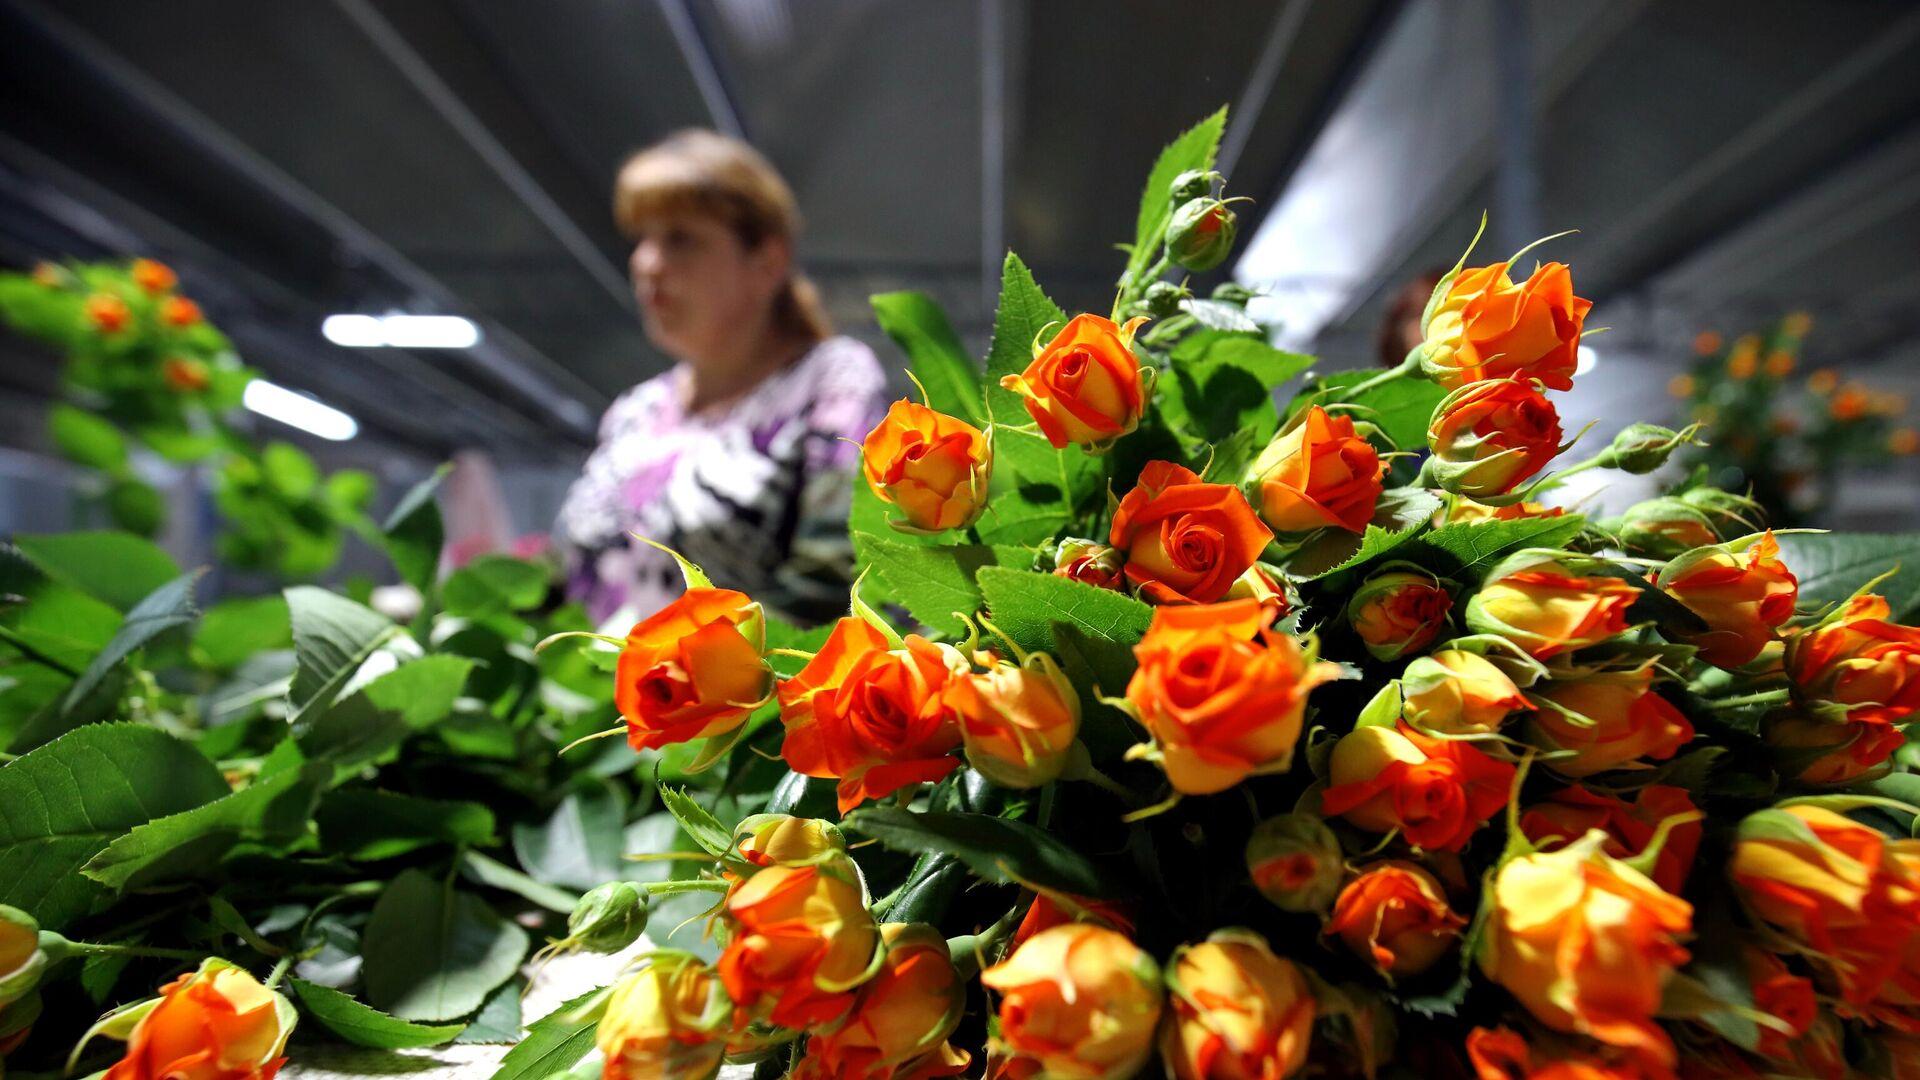 Розы в тепличном комплексе Зелёный дом в республике Адыгея - РИА Новости, 1920, 20.02.2021